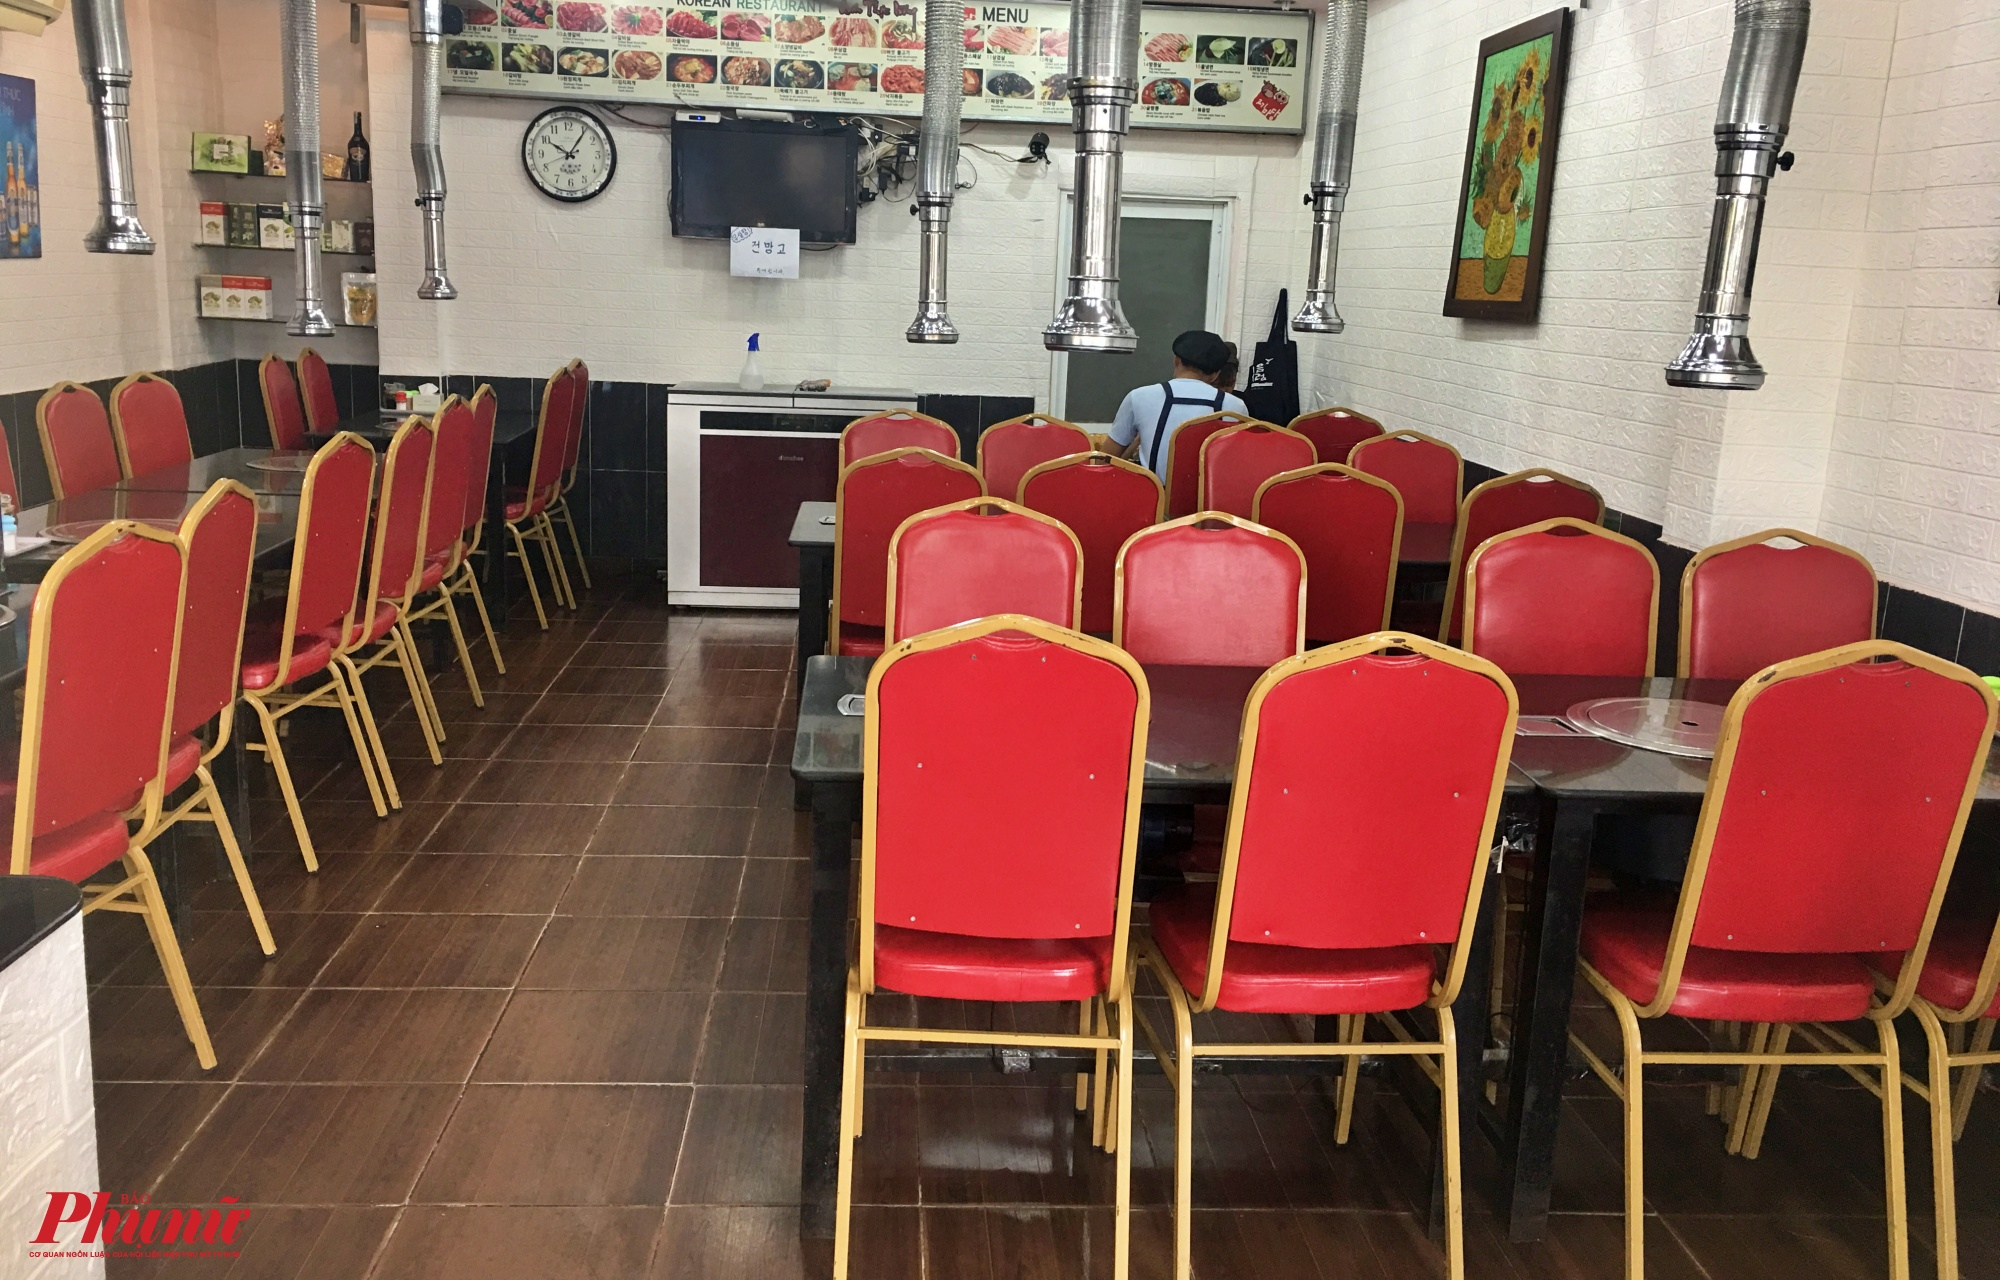 Một nhà hàng BBQ Hàn Quốc trên đường Thăng Long, quận Tân Bình bàn ghế trống trơn vắng vẻ đến lại lùng, một nhân viên cho biết quán phục vụ cho người Việt và người Hàn Quốc là chủ yếu tuy nhiên mấy ngày gần đây cũng lưa thưa một vài khách, COVID-19 khiến lượng khách tới đây sử dụng dịch vụ giảm đi đáng kể. Doanh thu ít nhiều bị ảnh hưởng